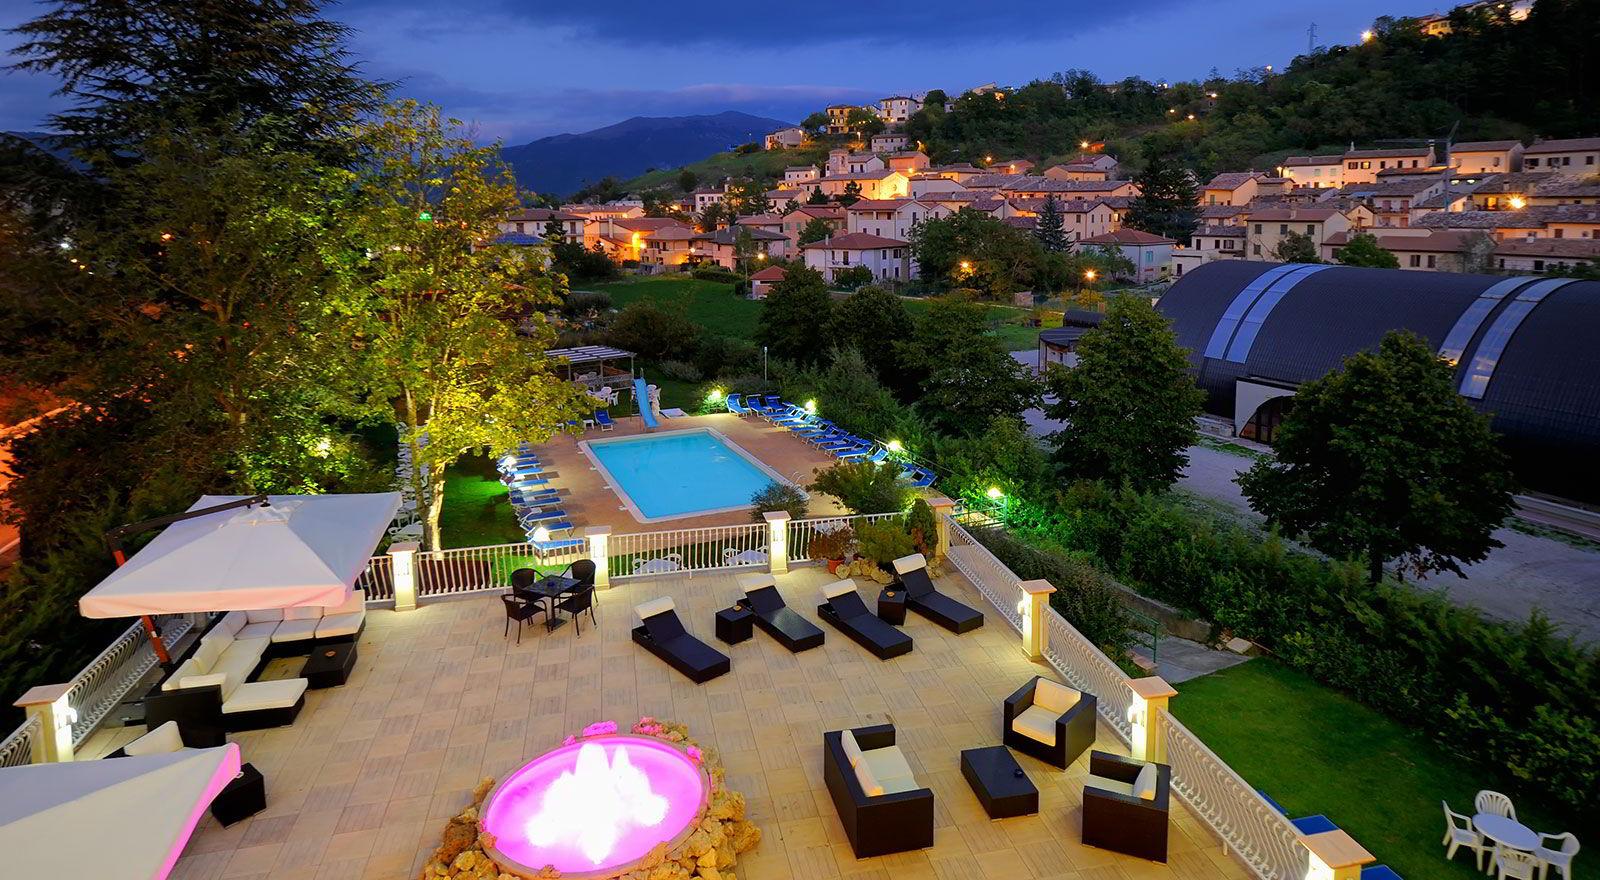 Hotel spa umbria centro benessere in umbria hotel benessere villa fiorita - Hotel con piscina umbria ...